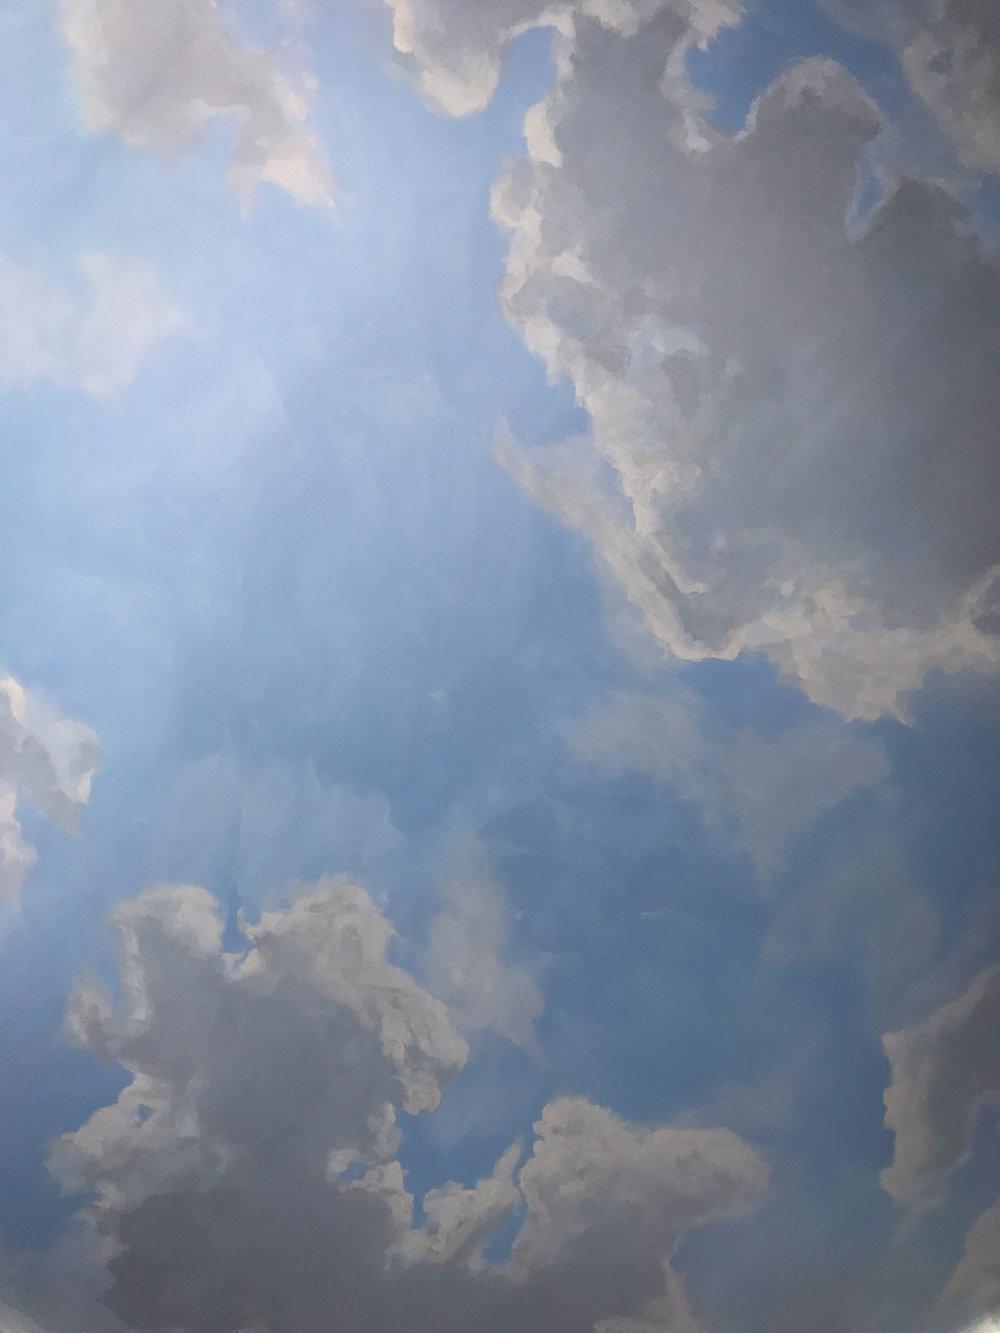 Cloud ceiling mural painting.jpg